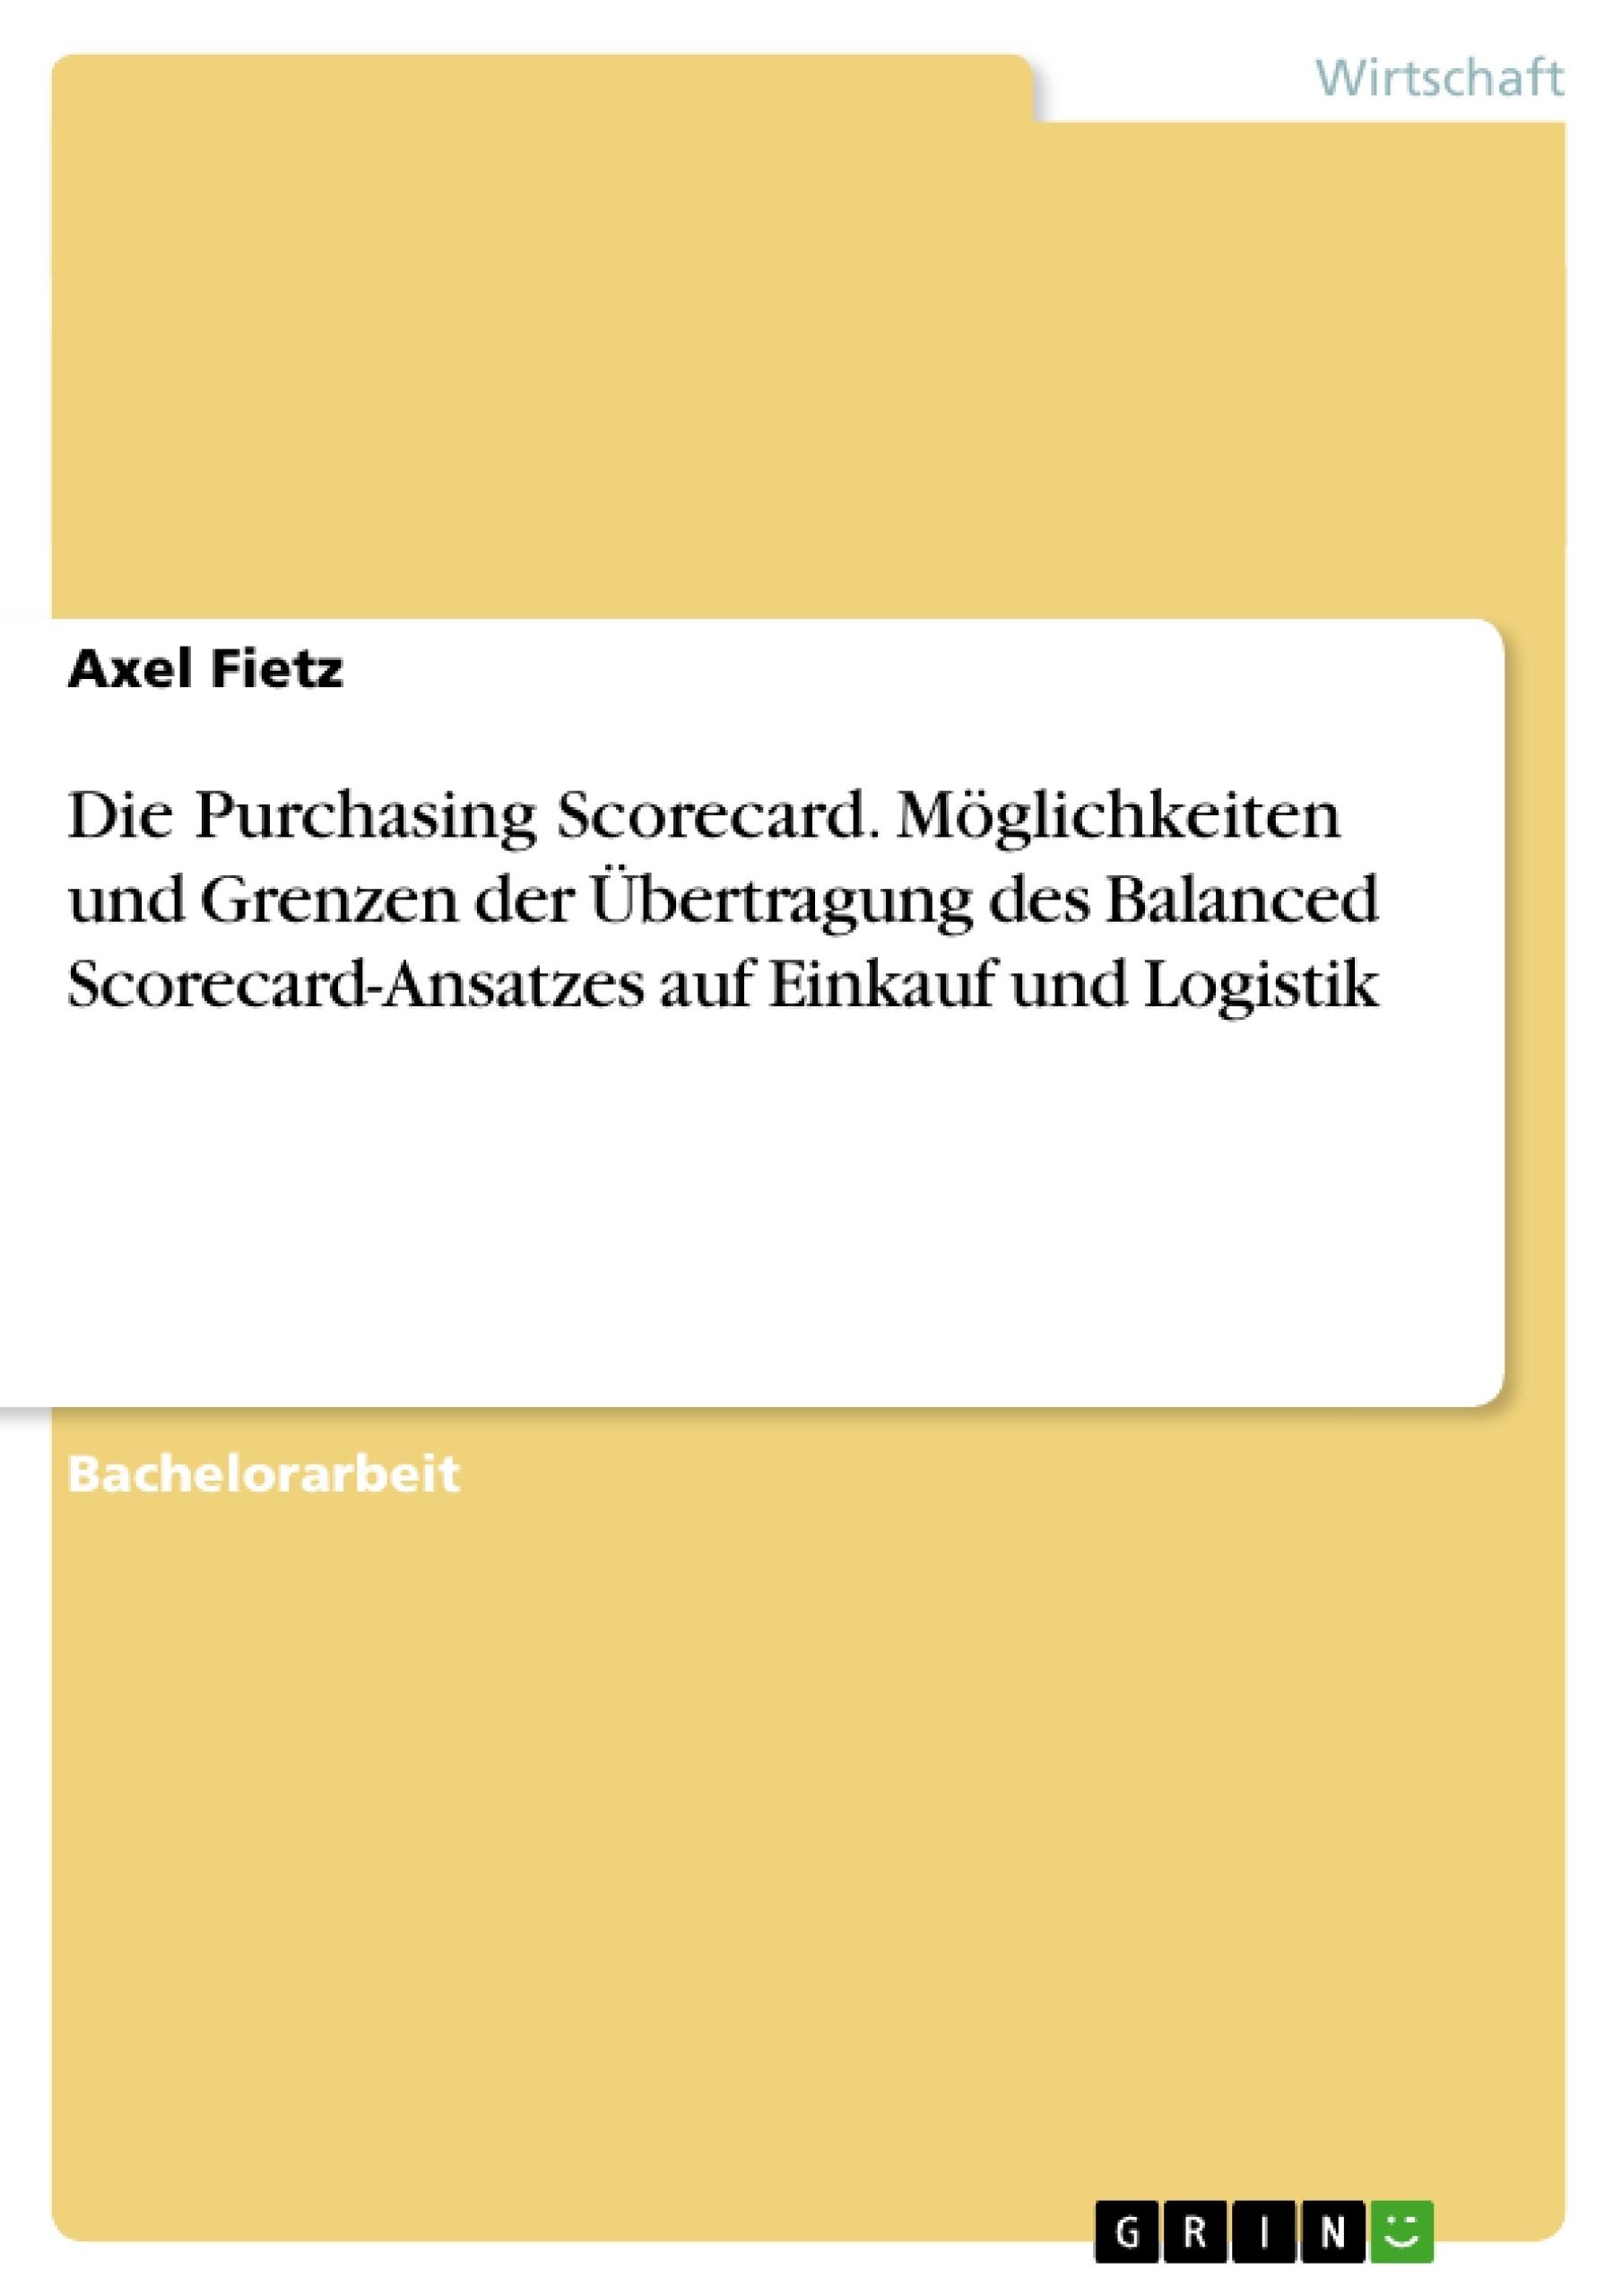 Titel: Die Purchasing Scorecard. Möglichkeiten und Grenzen der Übertragung des Balanced Scorecard-Ansatzes auf Einkauf und Logistik